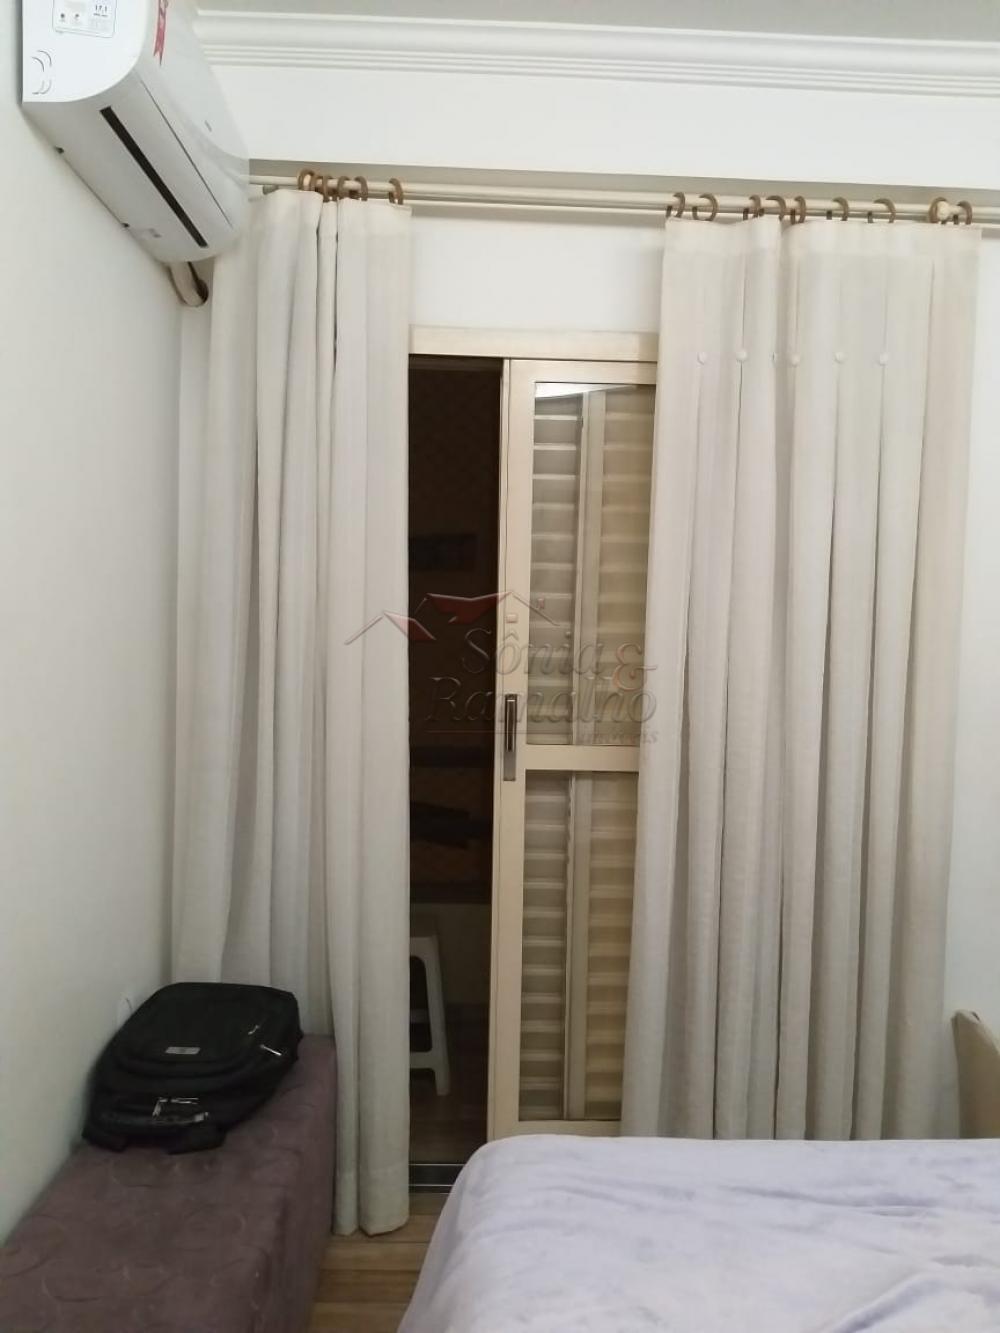 Comprar Apartamentos / Padrão em Ribeirão Preto apenas R$ 196.000,00 - Foto 10